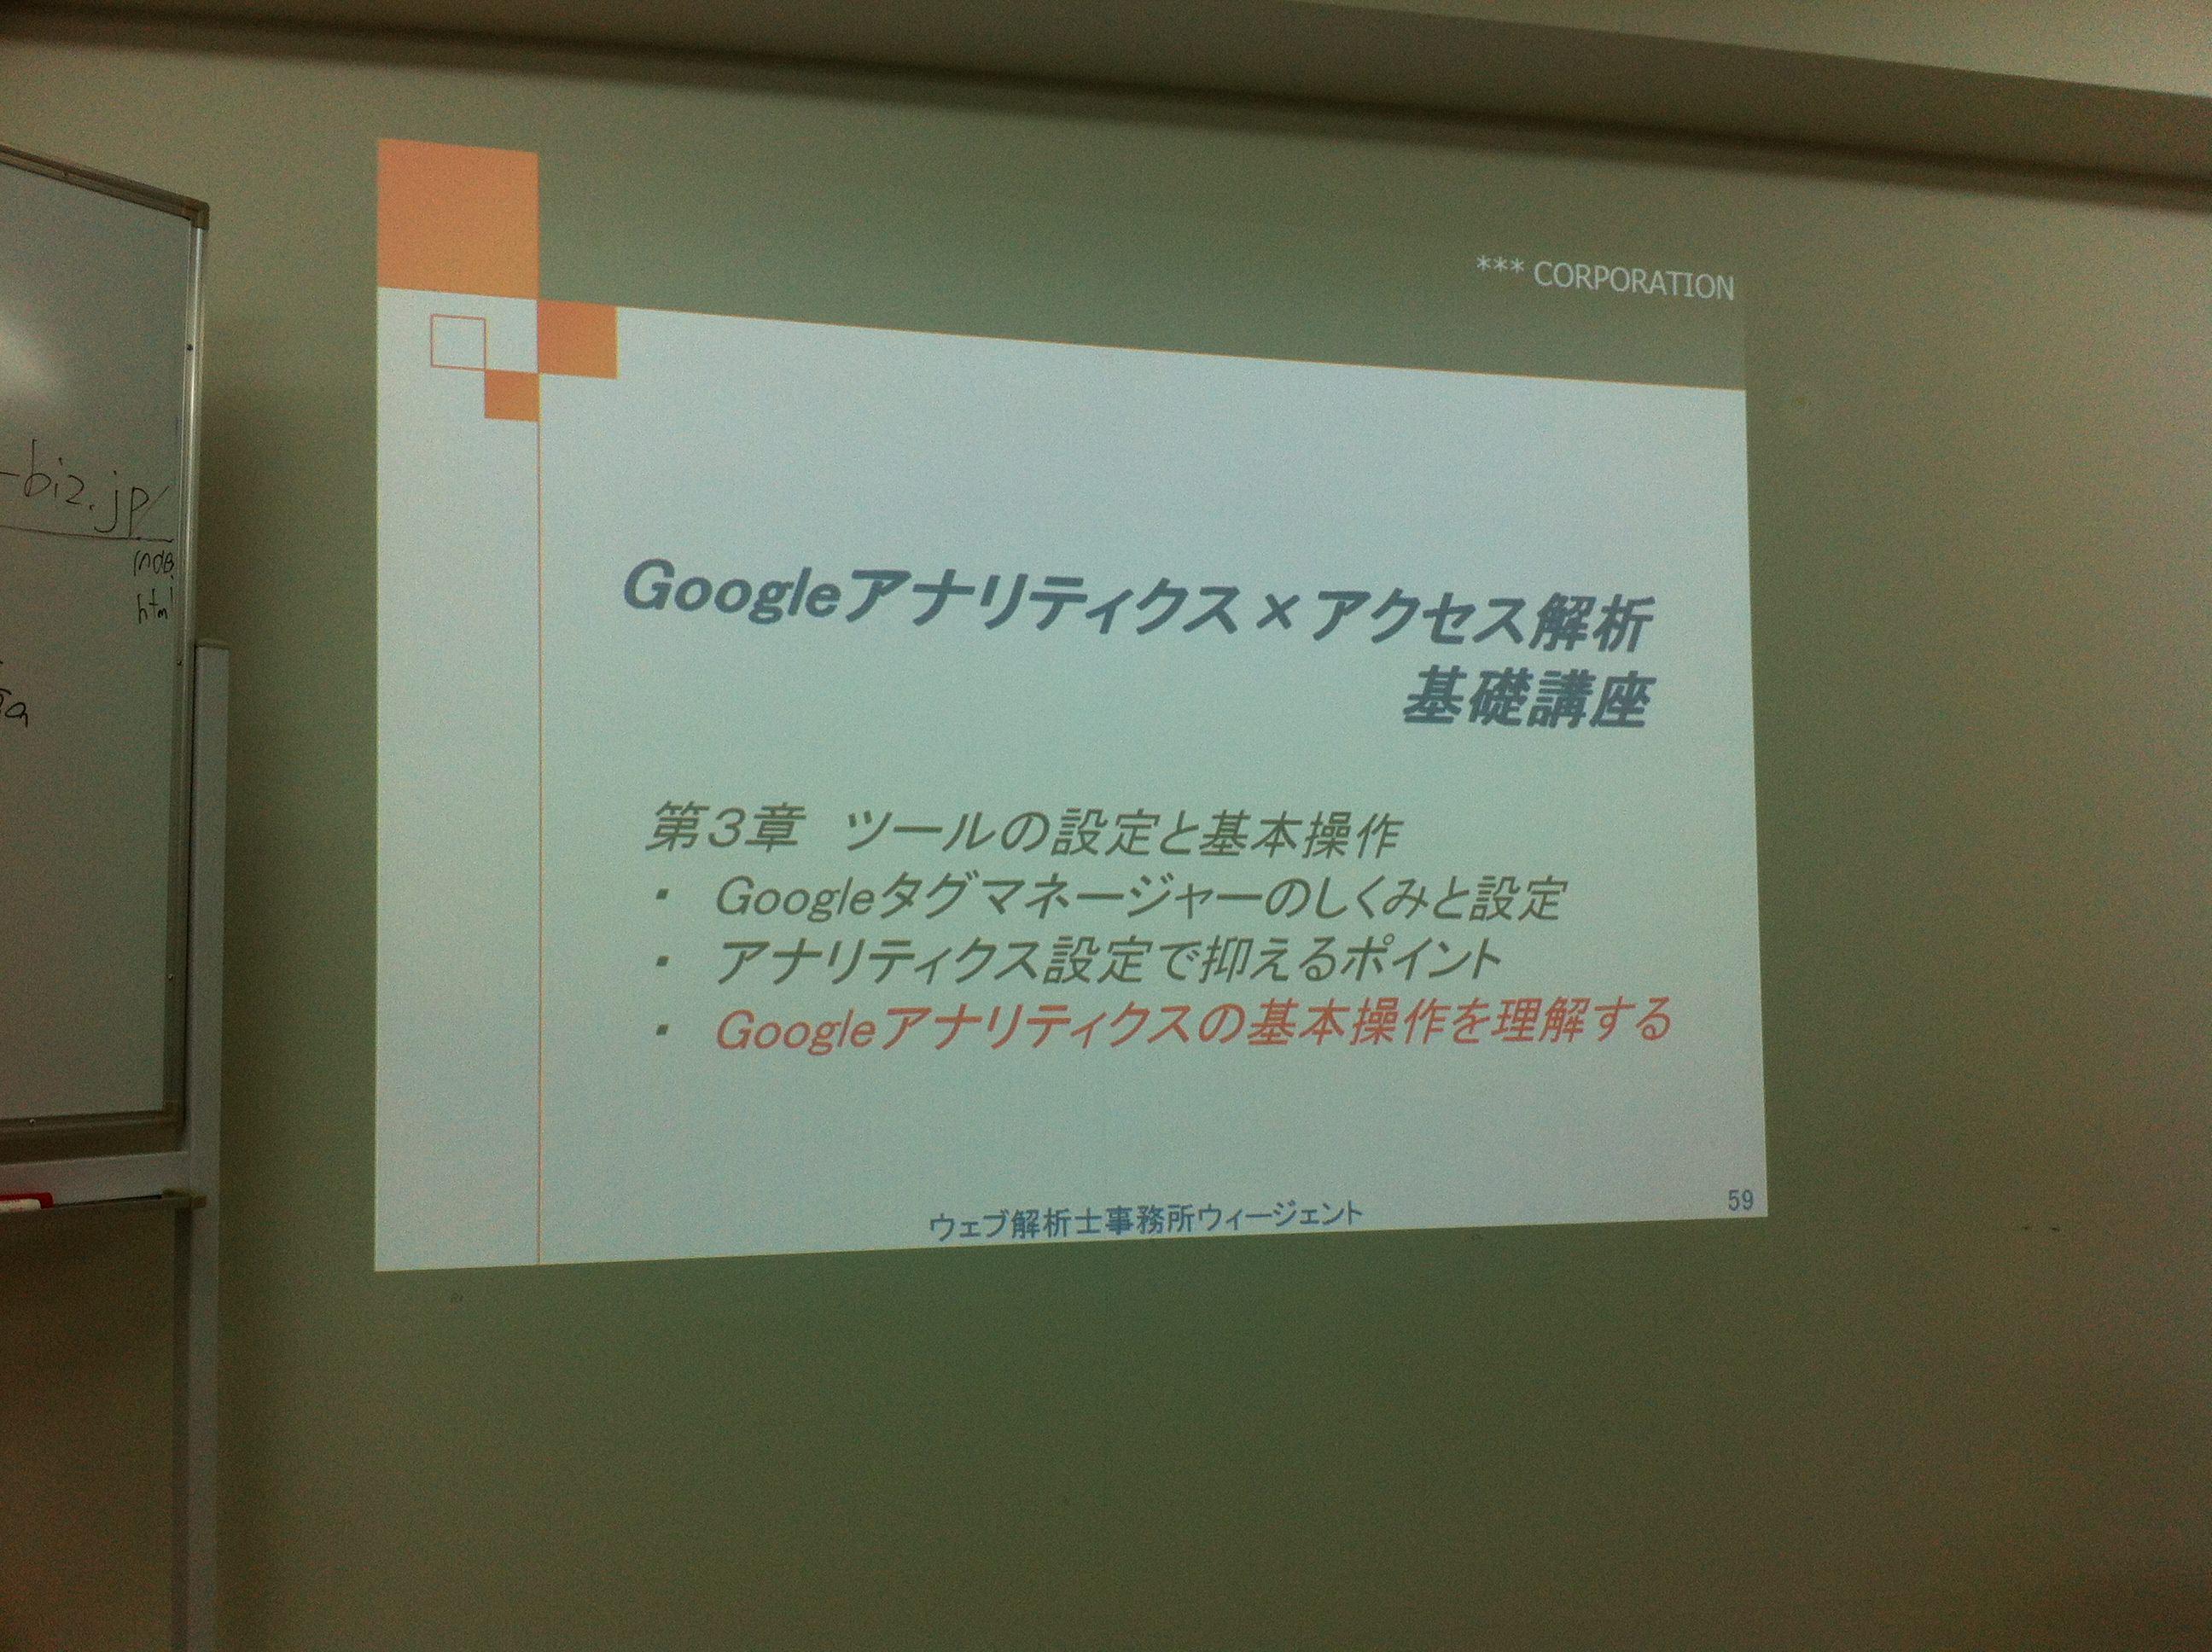 Googleアナリティクス×アクセス解析基礎講座を受講してきました